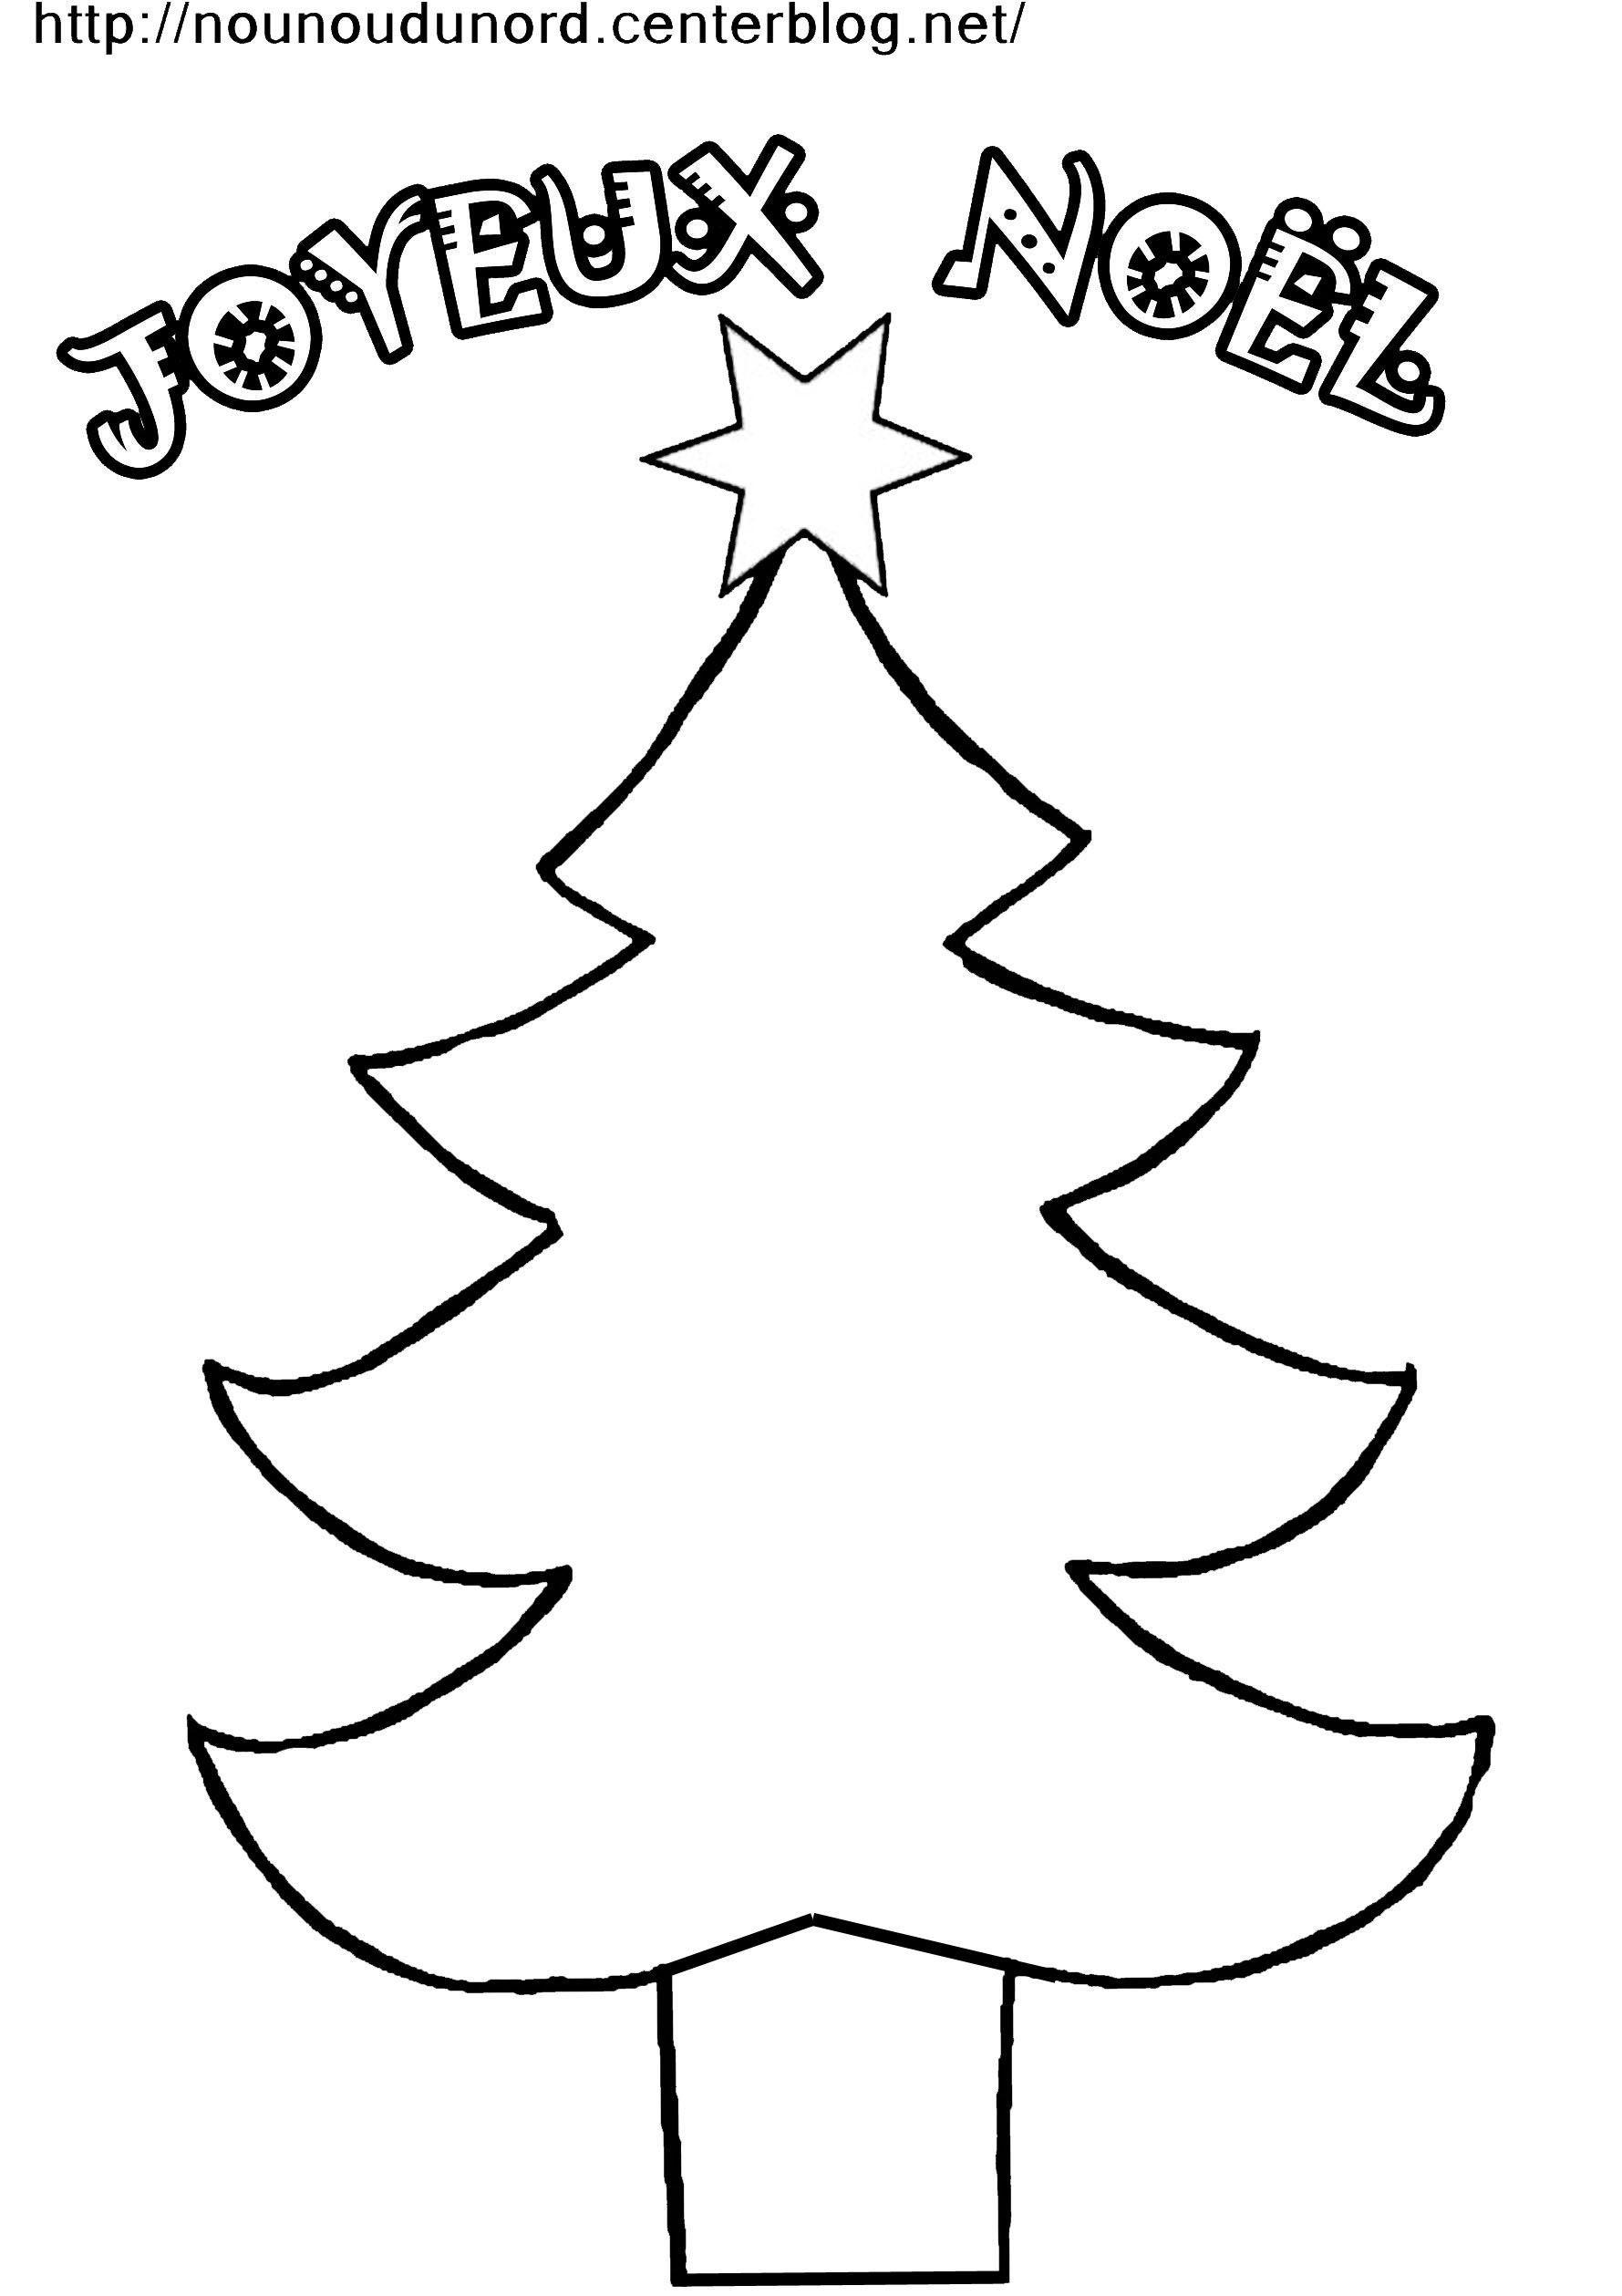 Coloriage Sapin De Noël dedans Coloriage De Sapin De Noel A Imprimer Gratuit